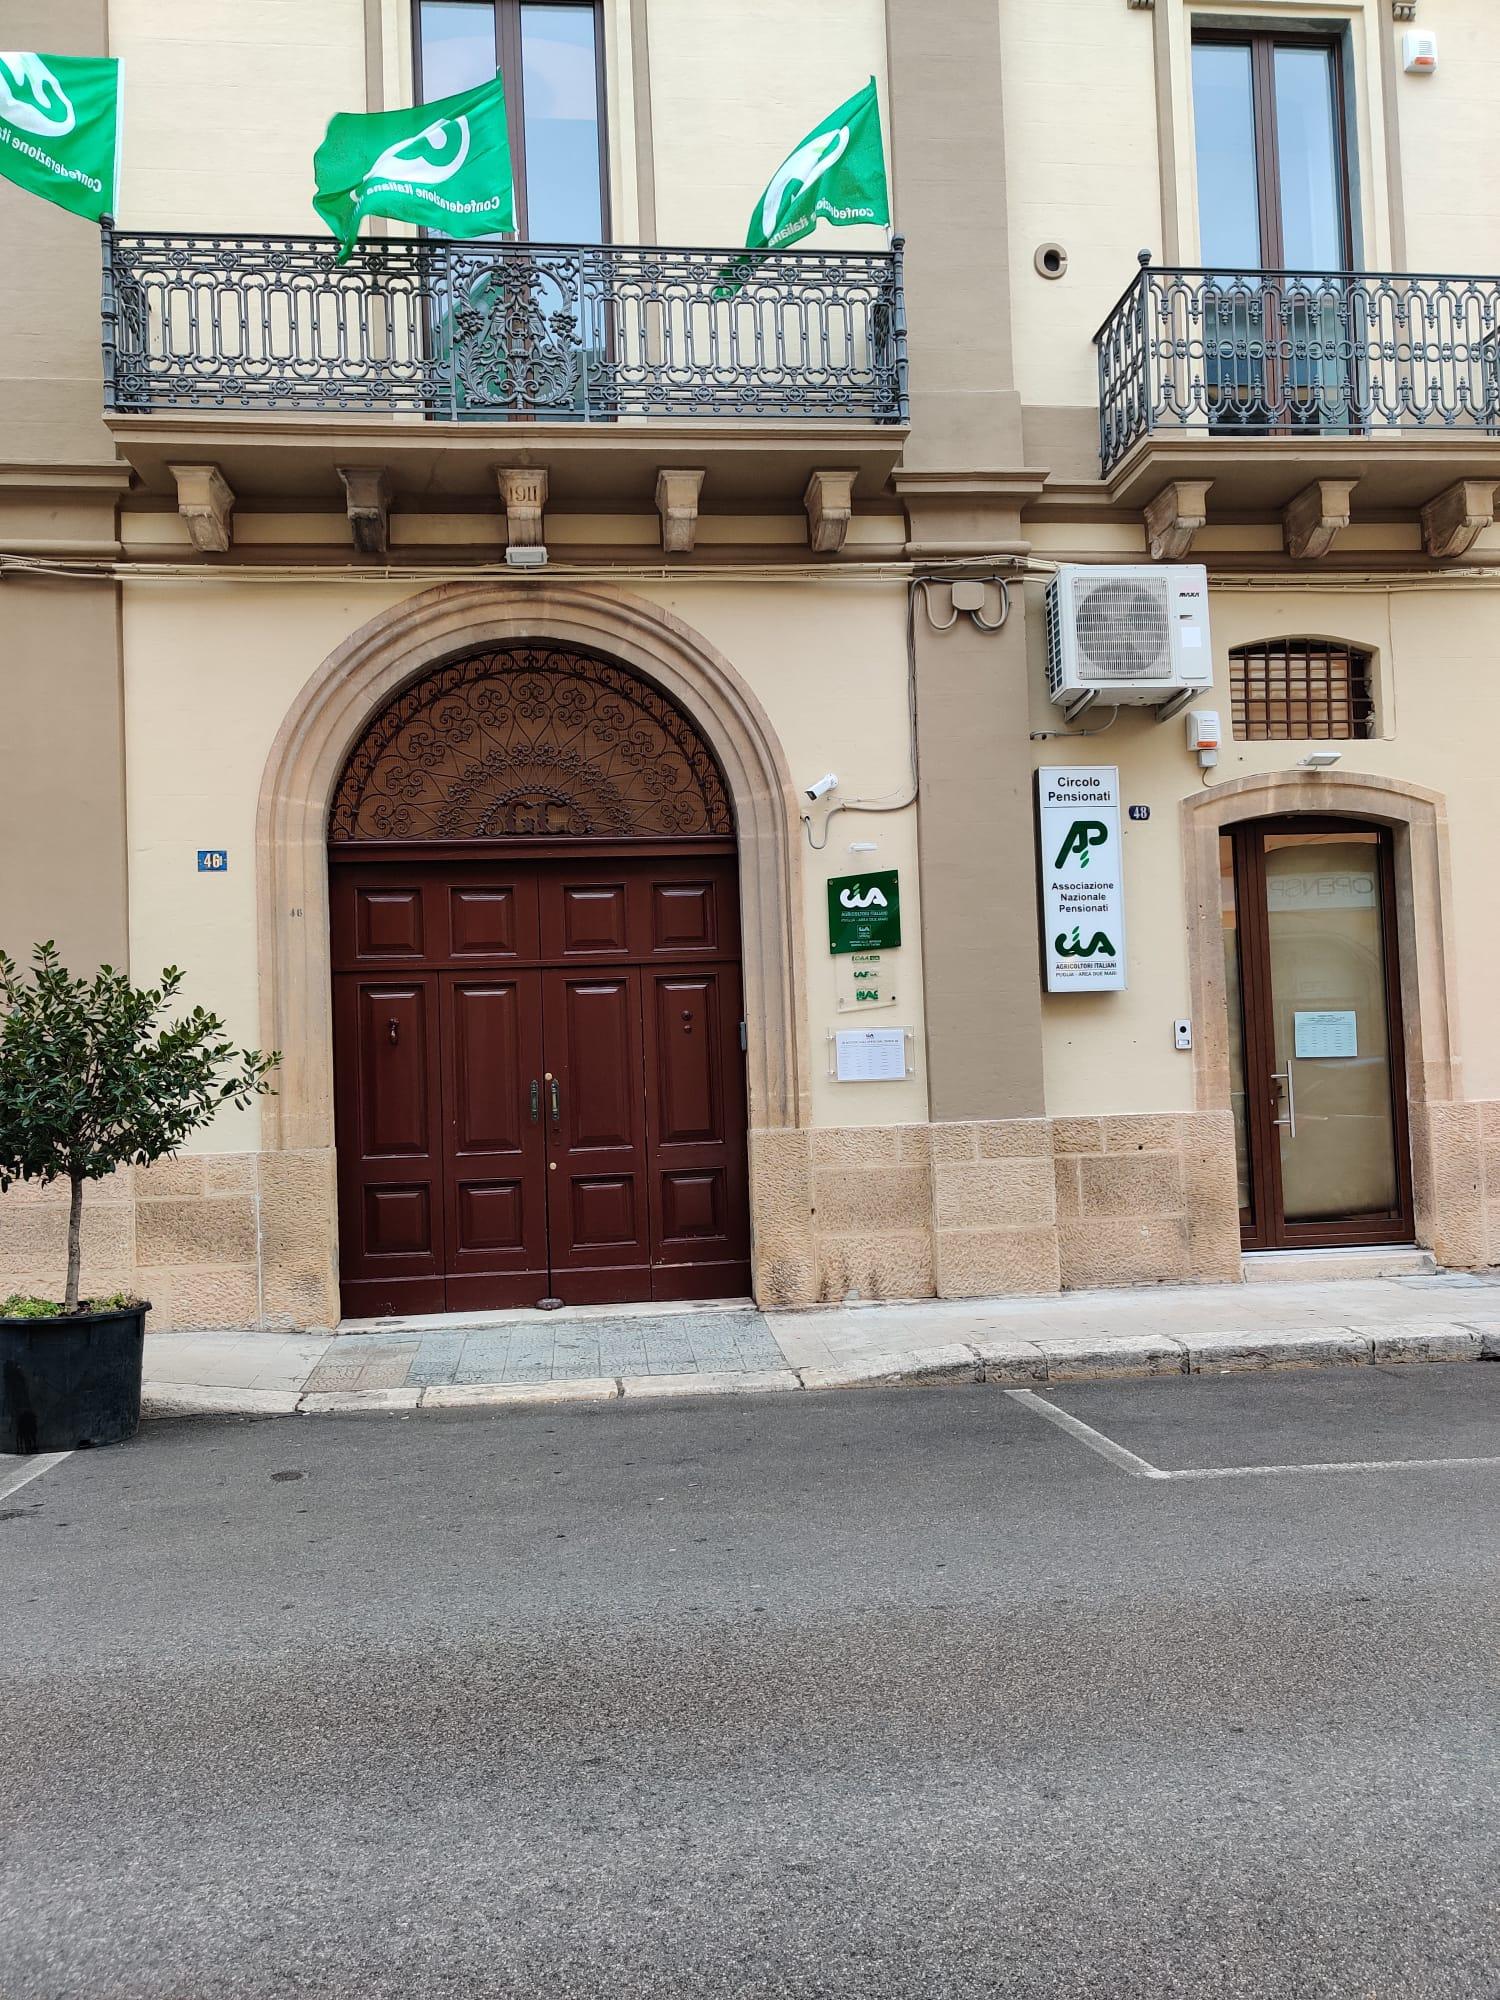 La sede Cia a Castellaneta tra storia e futuro